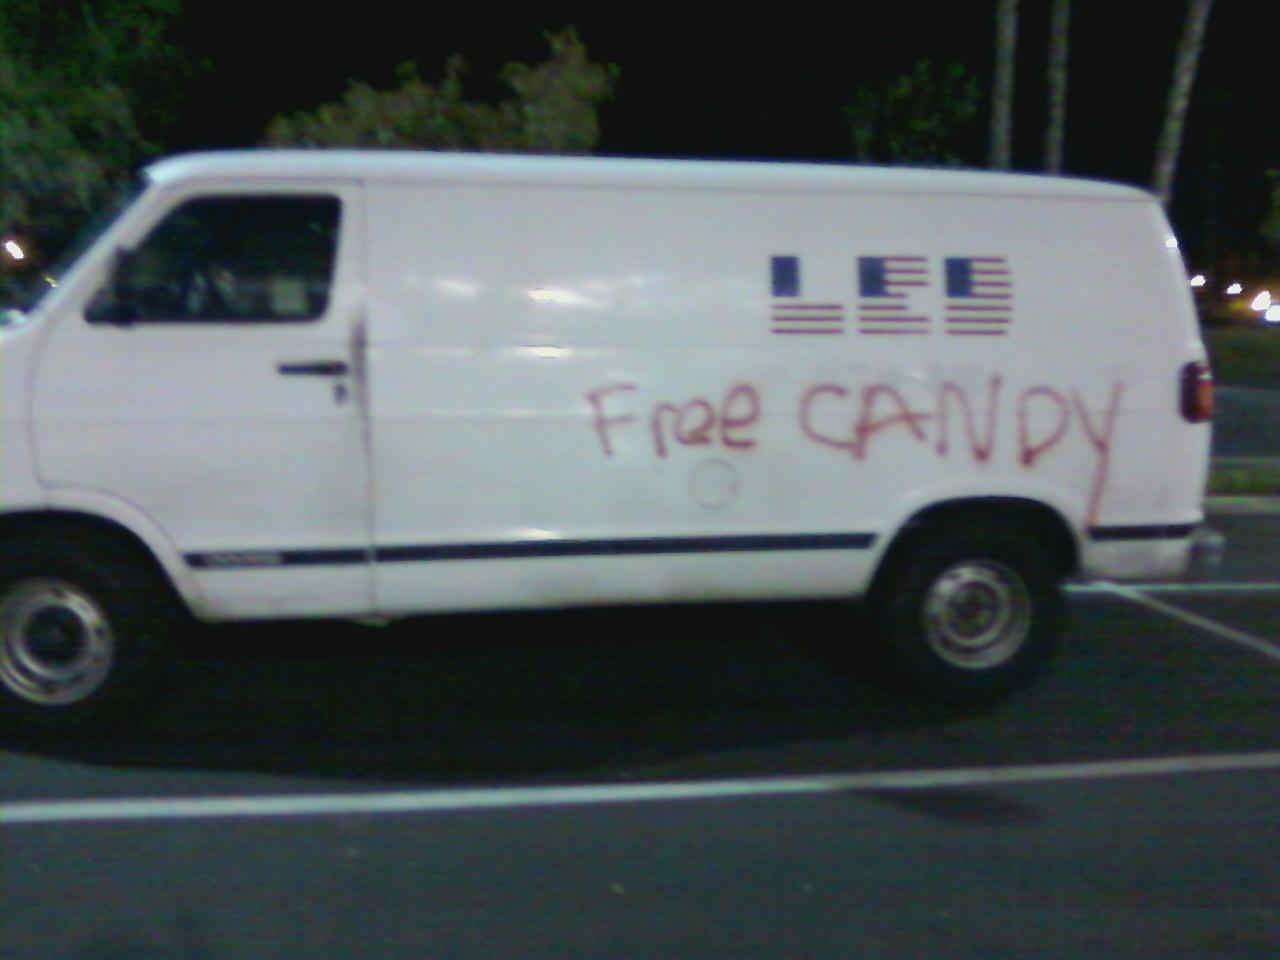 Windowless Van Free Candy